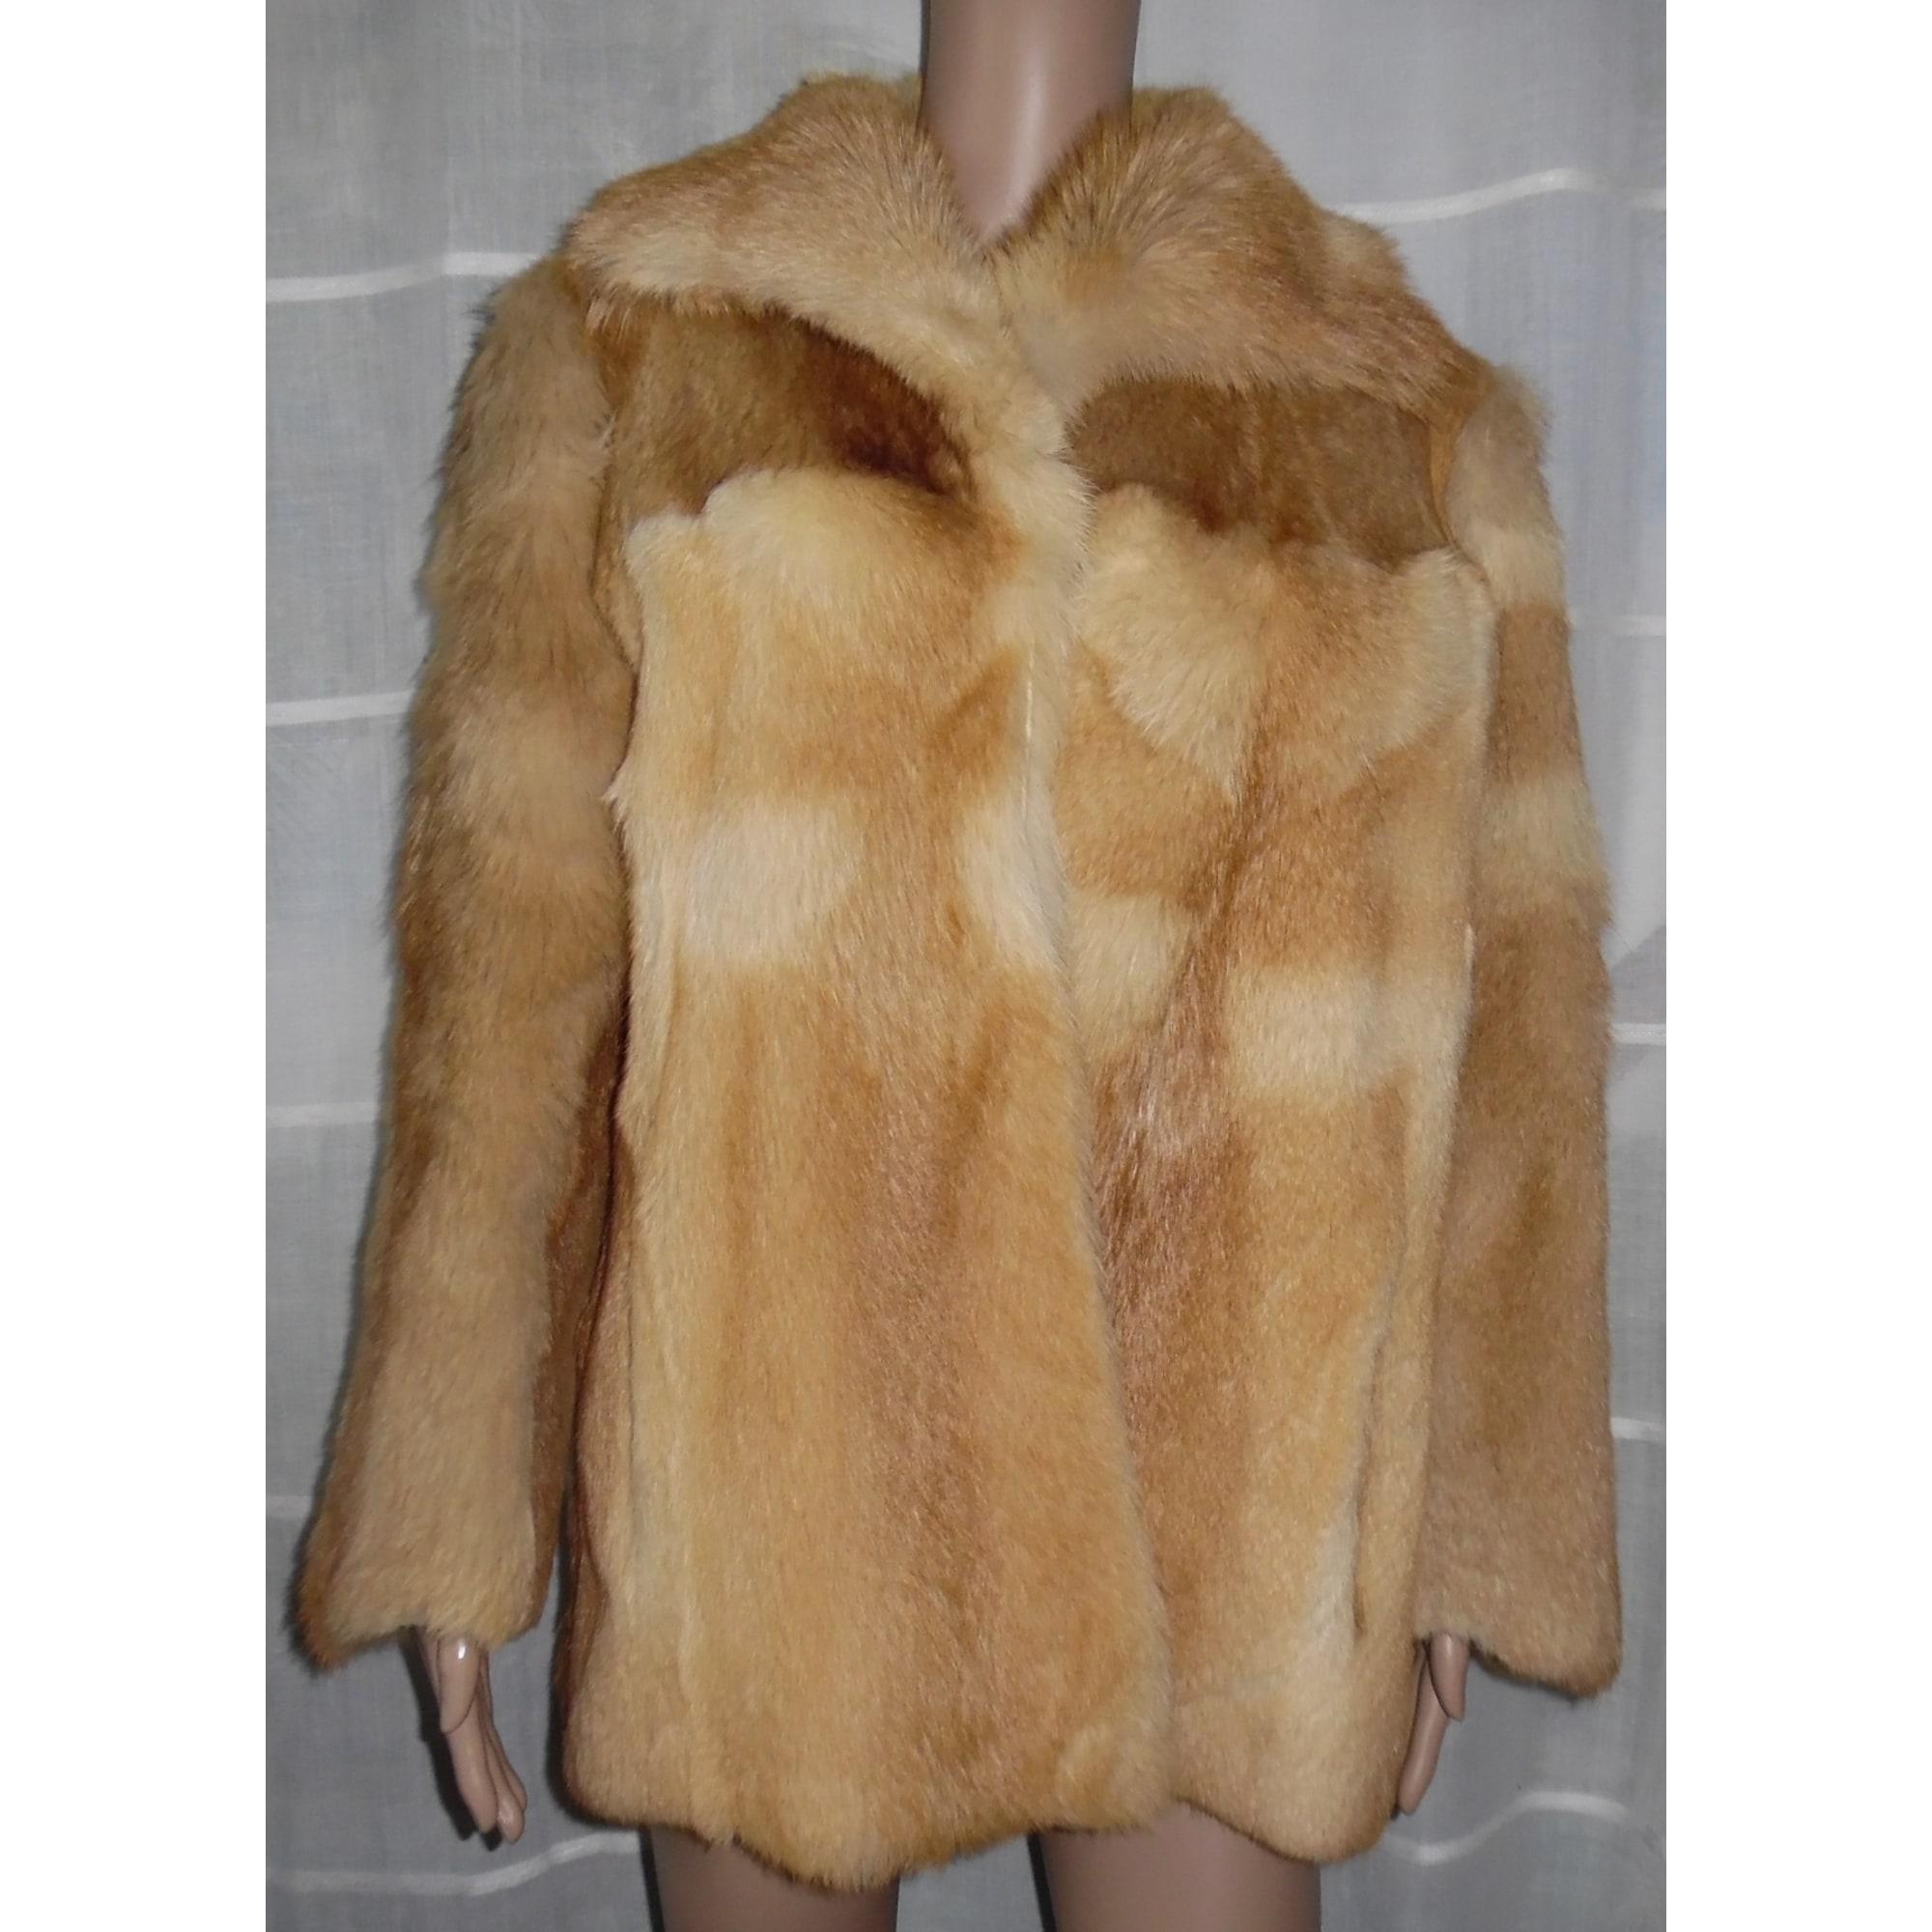 Blouson, veste en fourrure DASCO 38 (M, T2) marron vendu par Cathy ... 65620686eb2